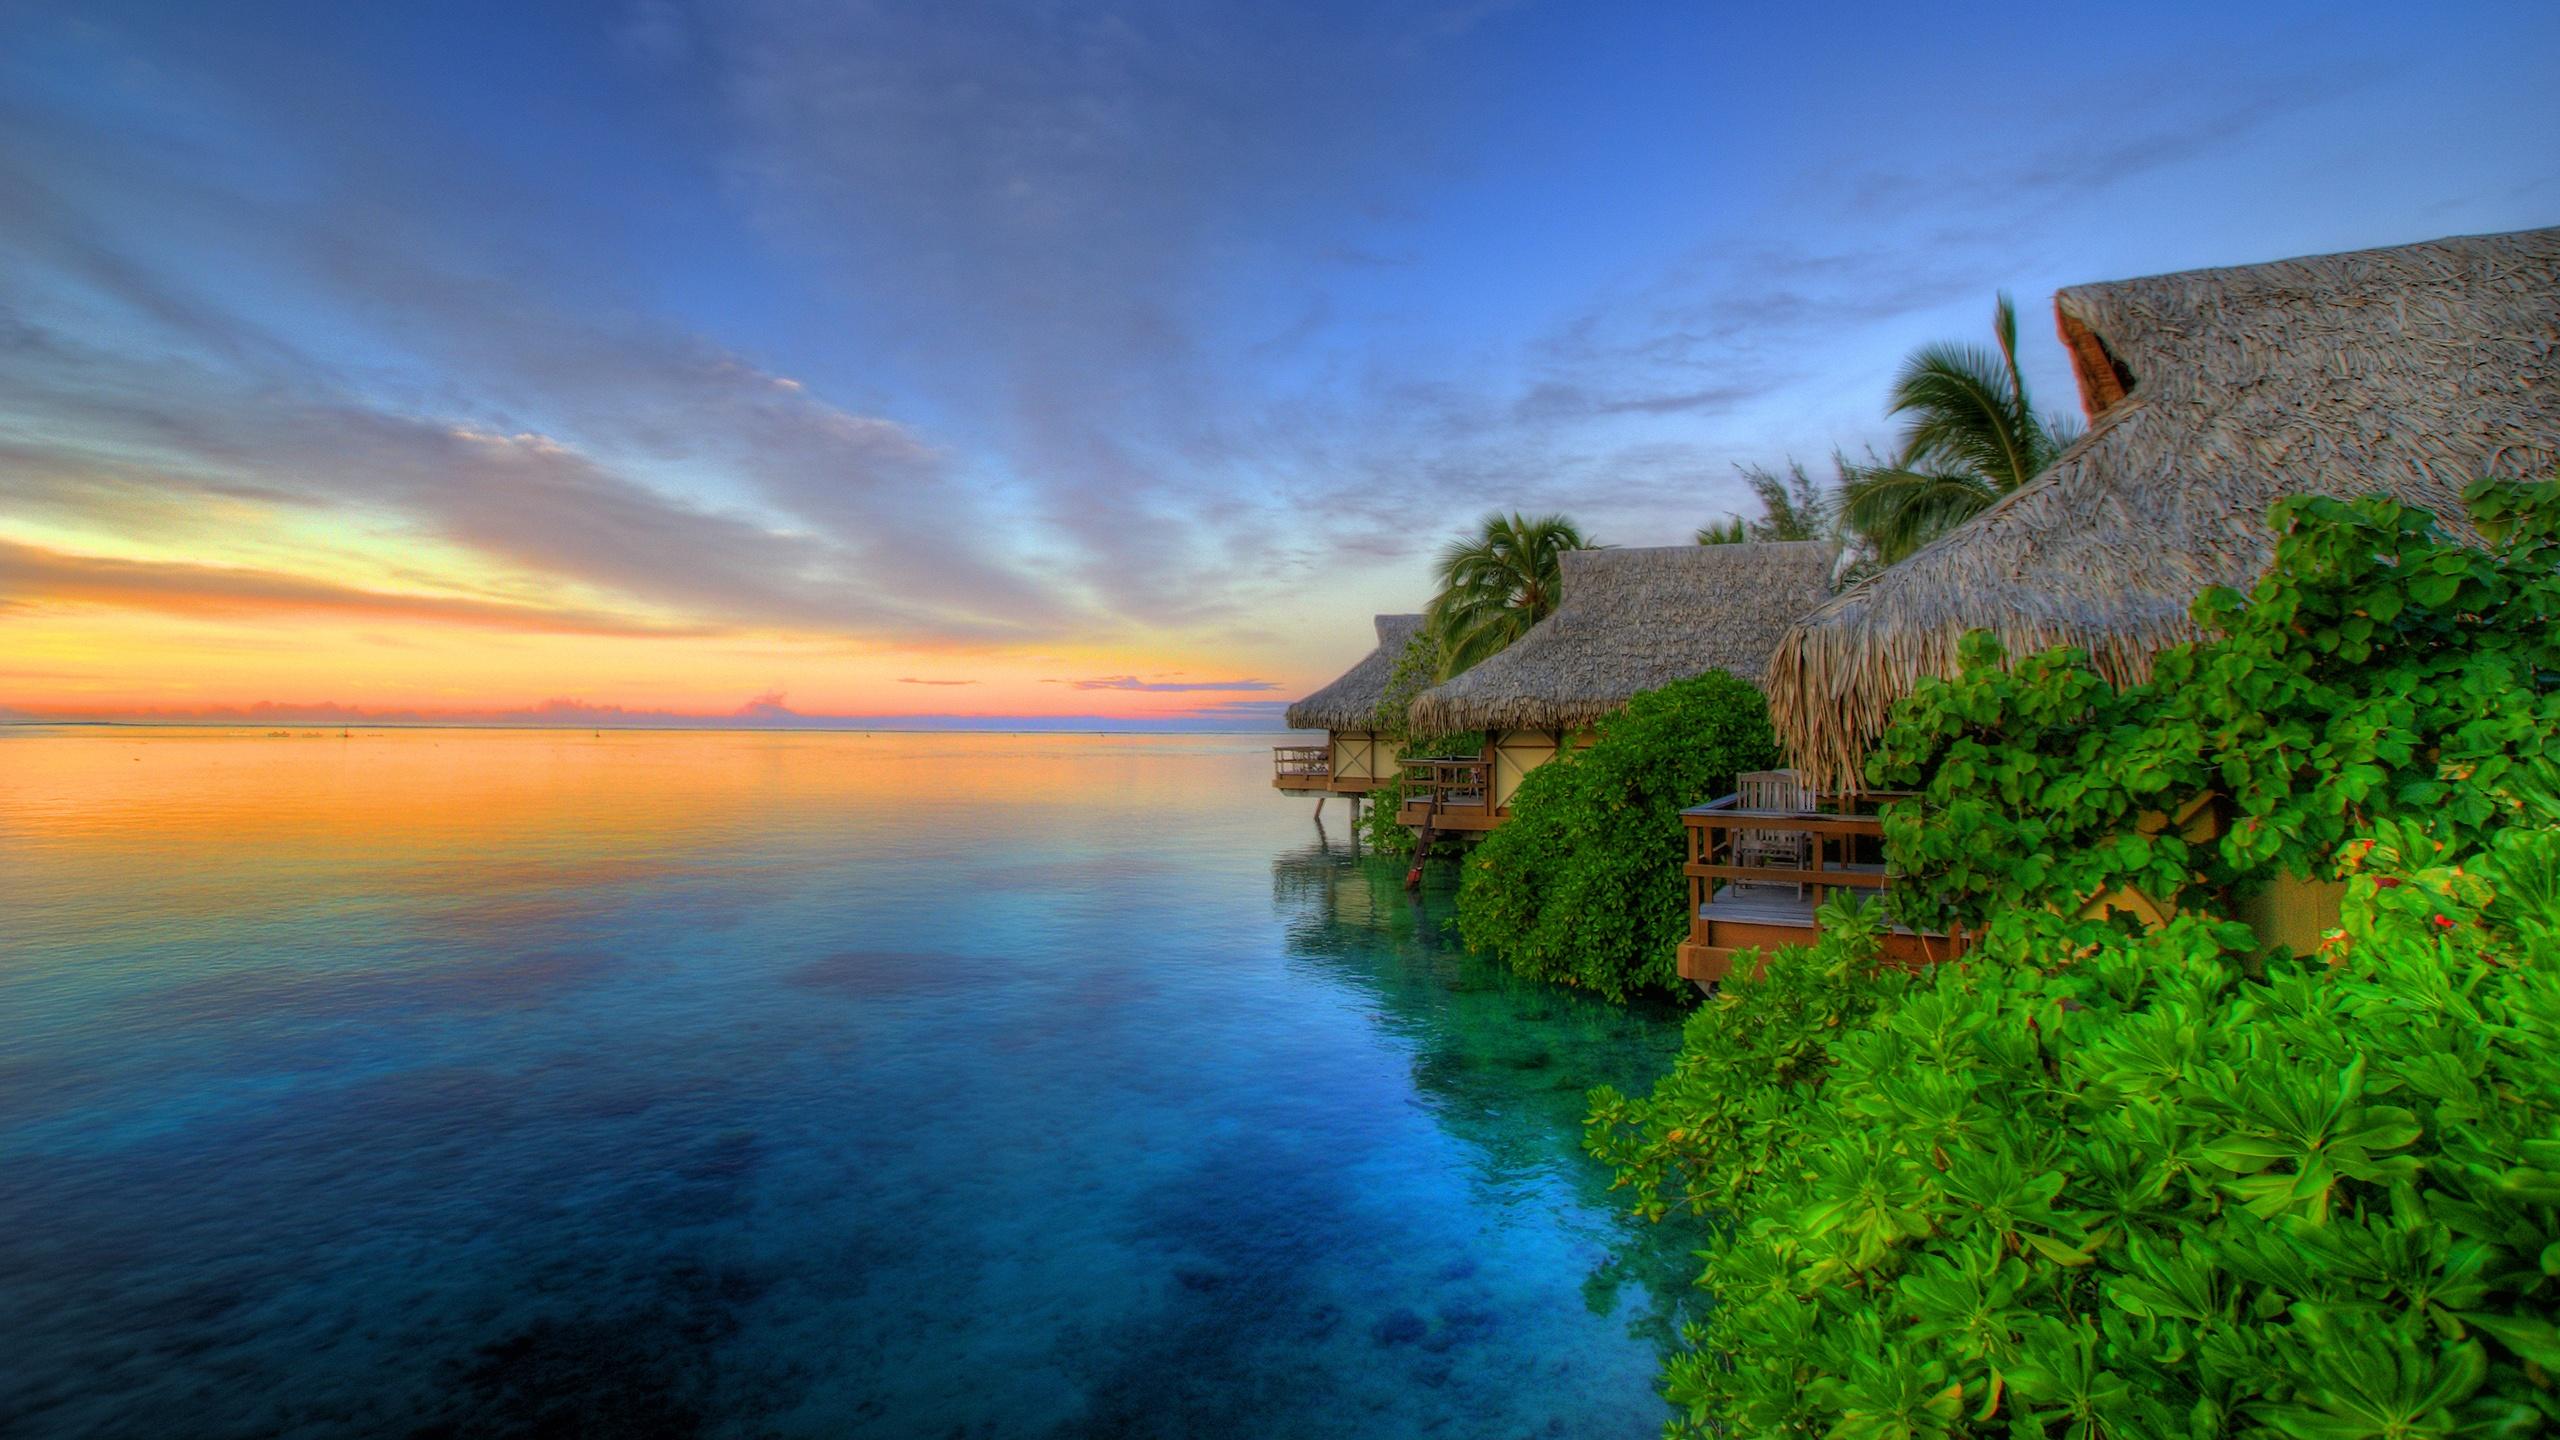 Download Island Sunset HD Widescreen Nature Landscape Wallpaper 2560x1440